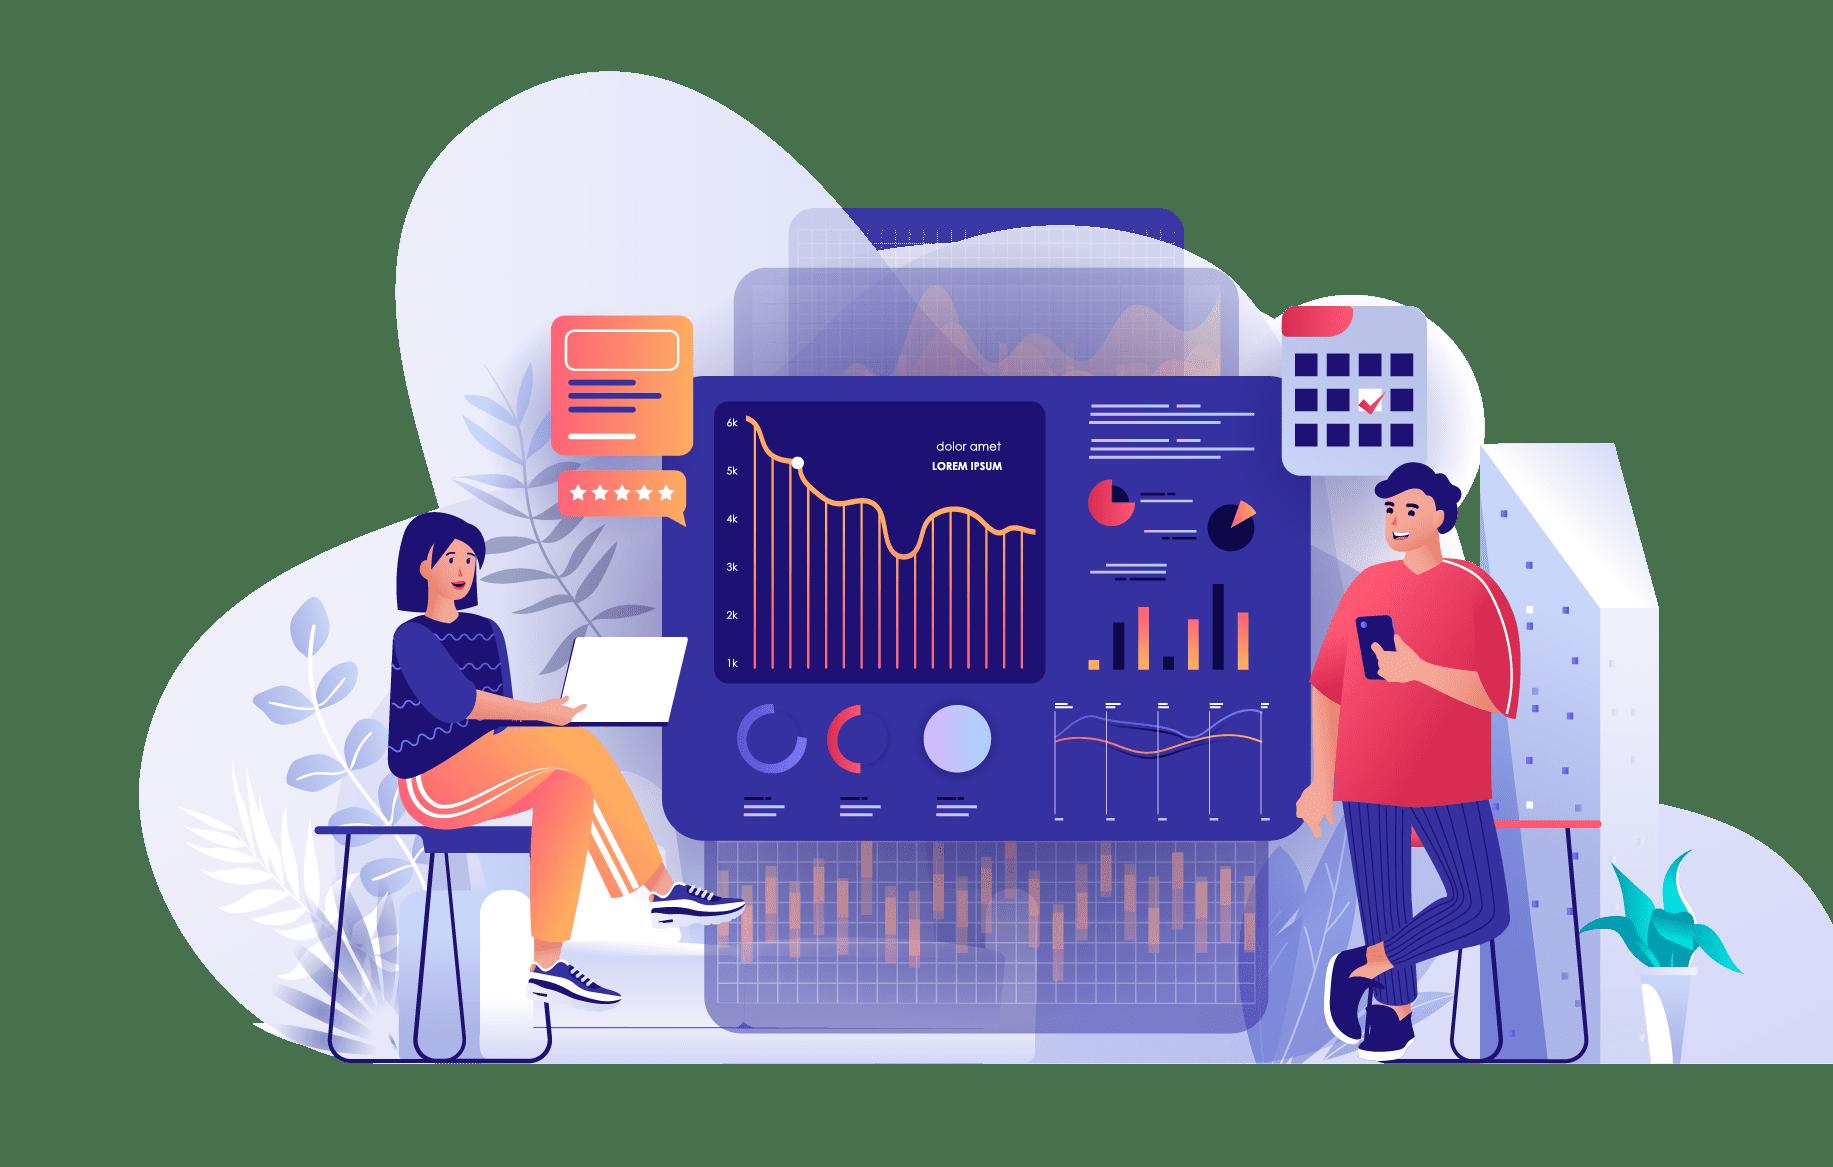 Big data e internet das coisas